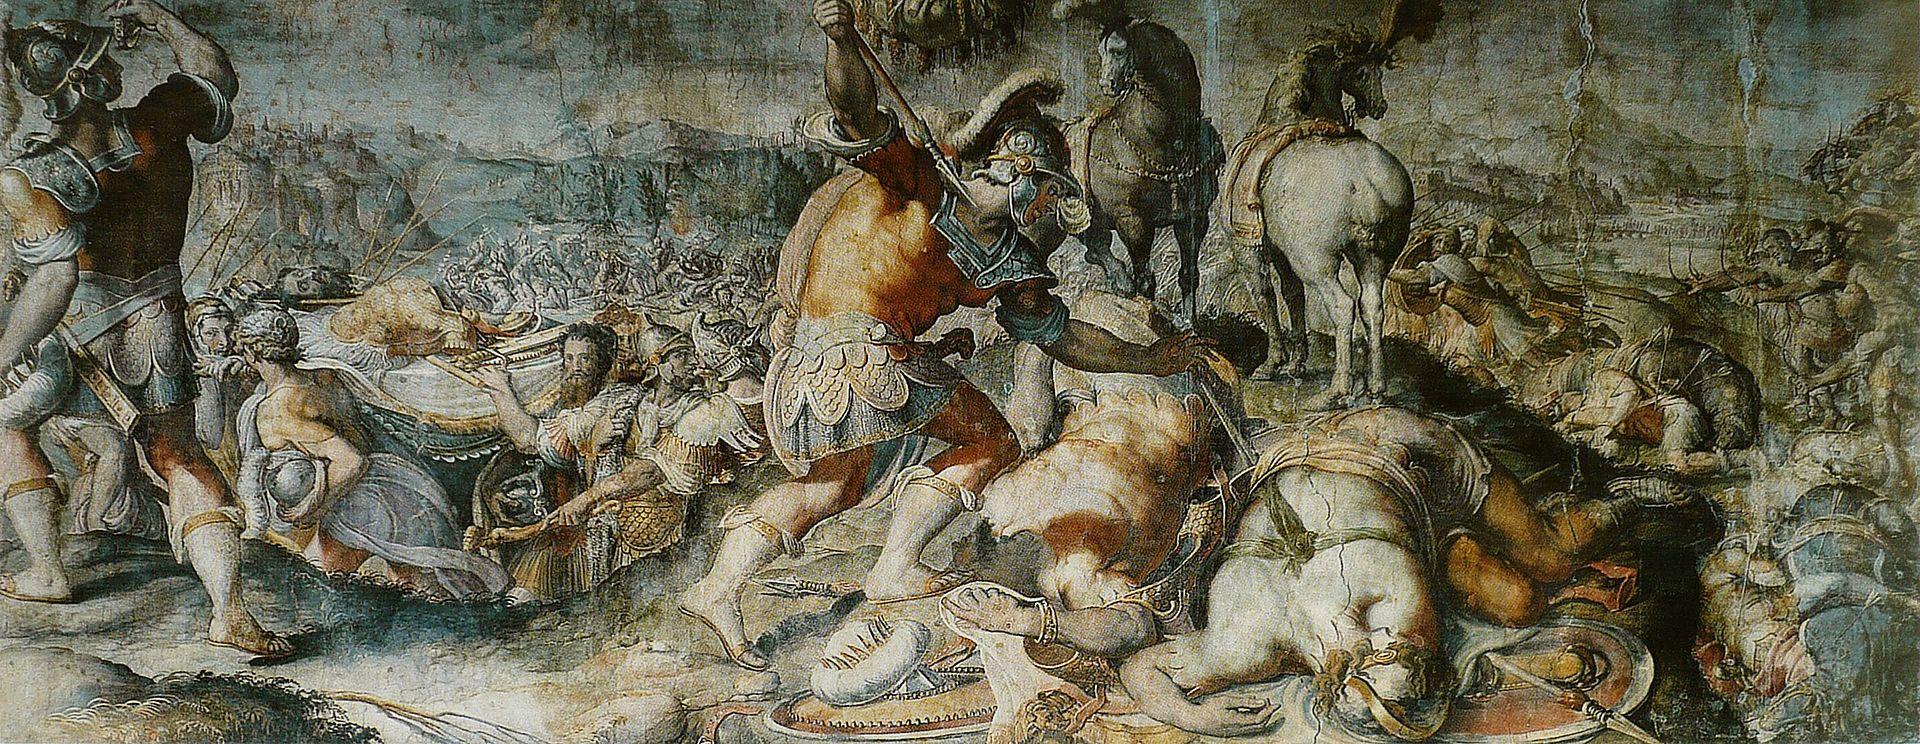 Смерть Саула, Франческо Салвиати, 1510 - 1563.